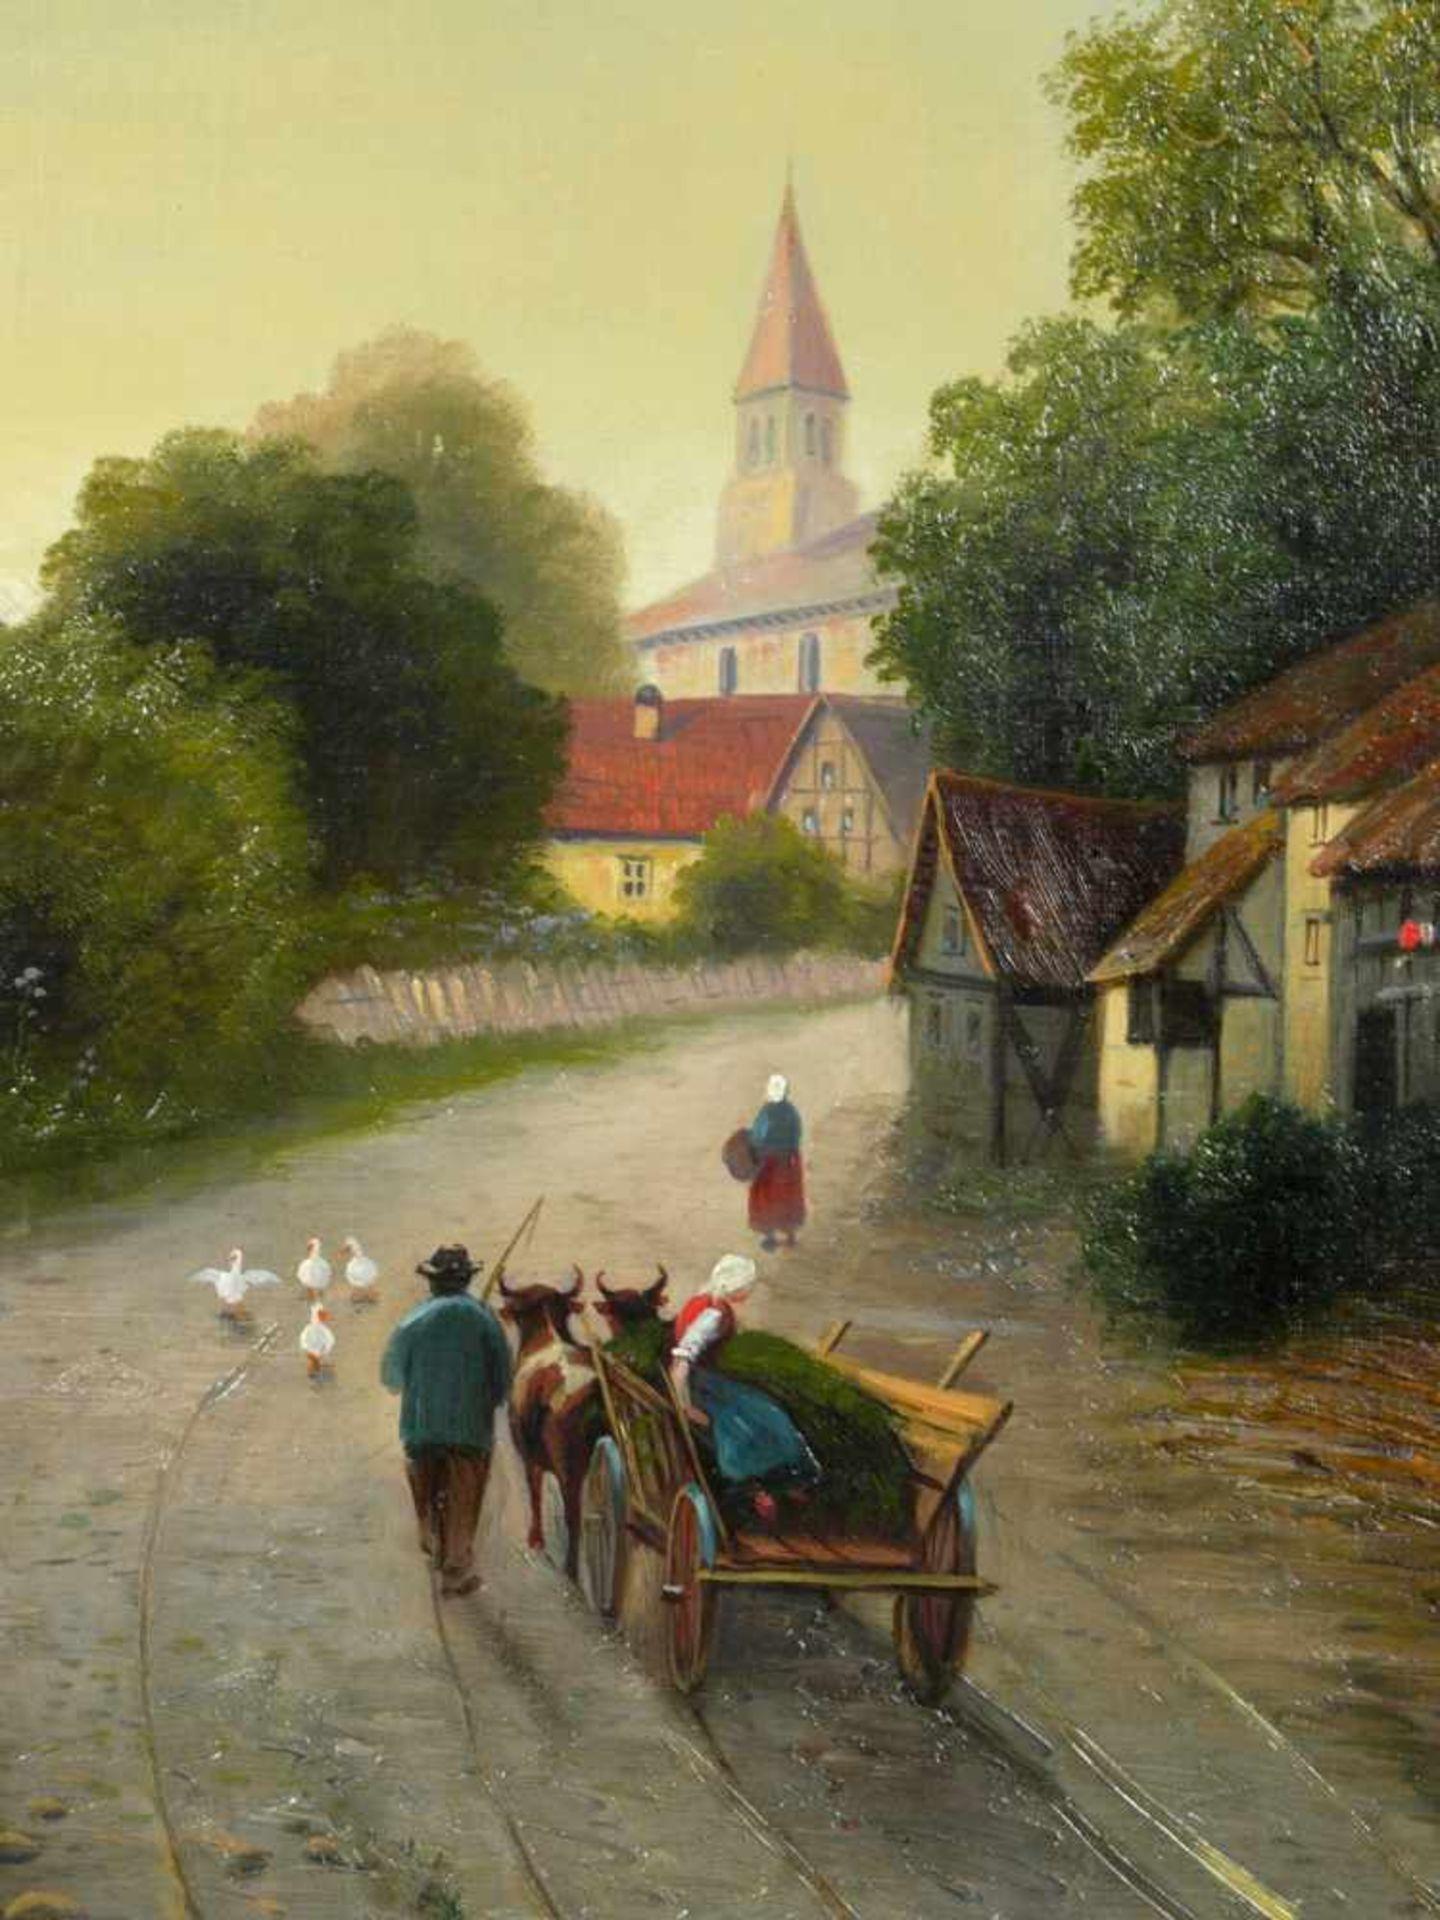 Moser, Herrmann (1835-?) - Dorfstraße in NiederbayernBlick in eine typisch bayerisch dörfliche - Bild 6 aus 6